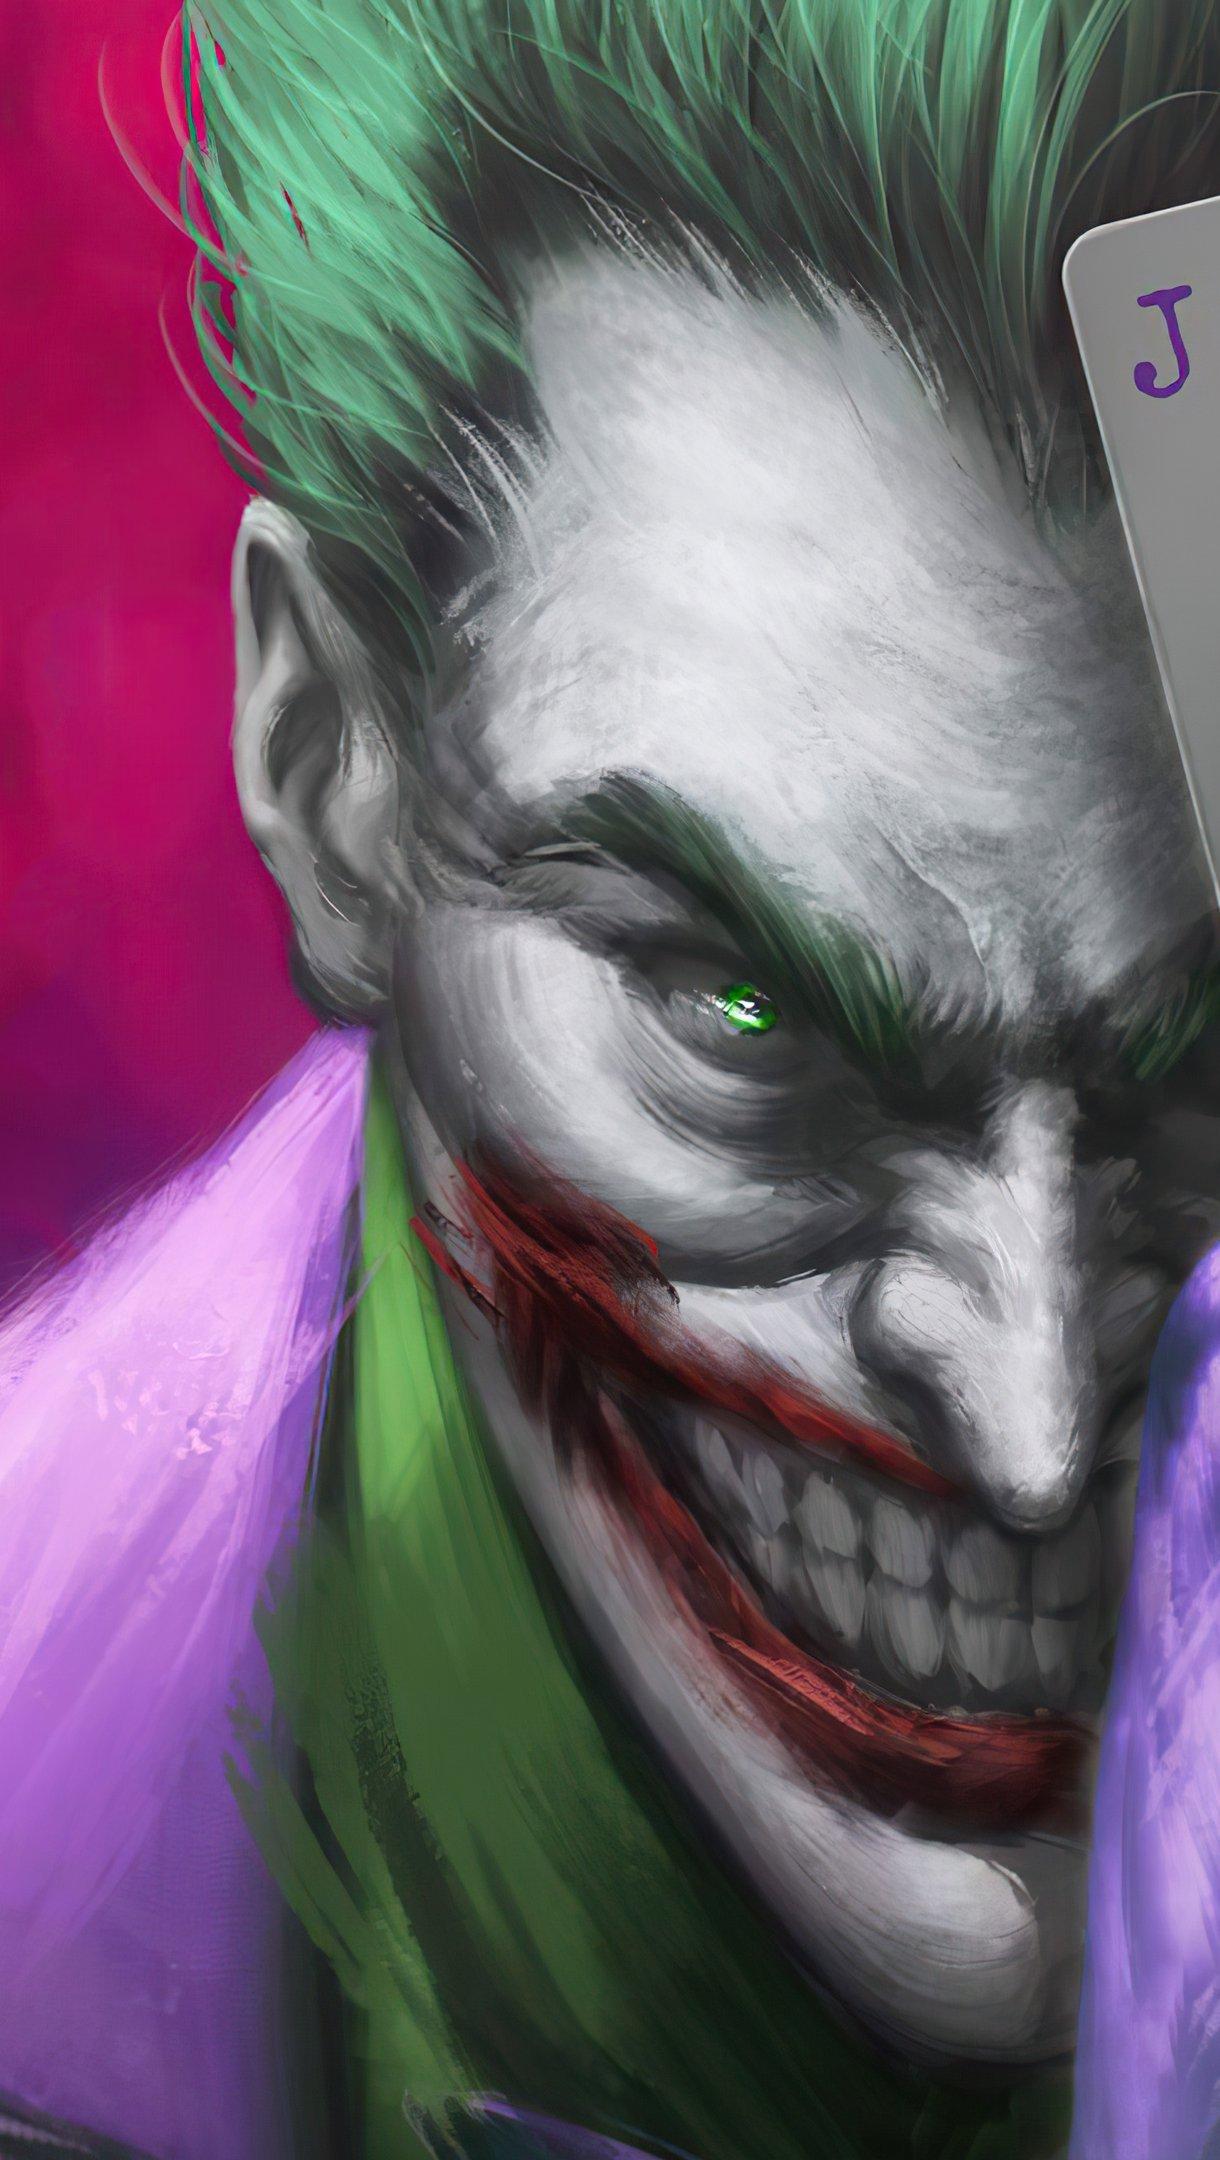 Wallpaper Joker with play card Vertical